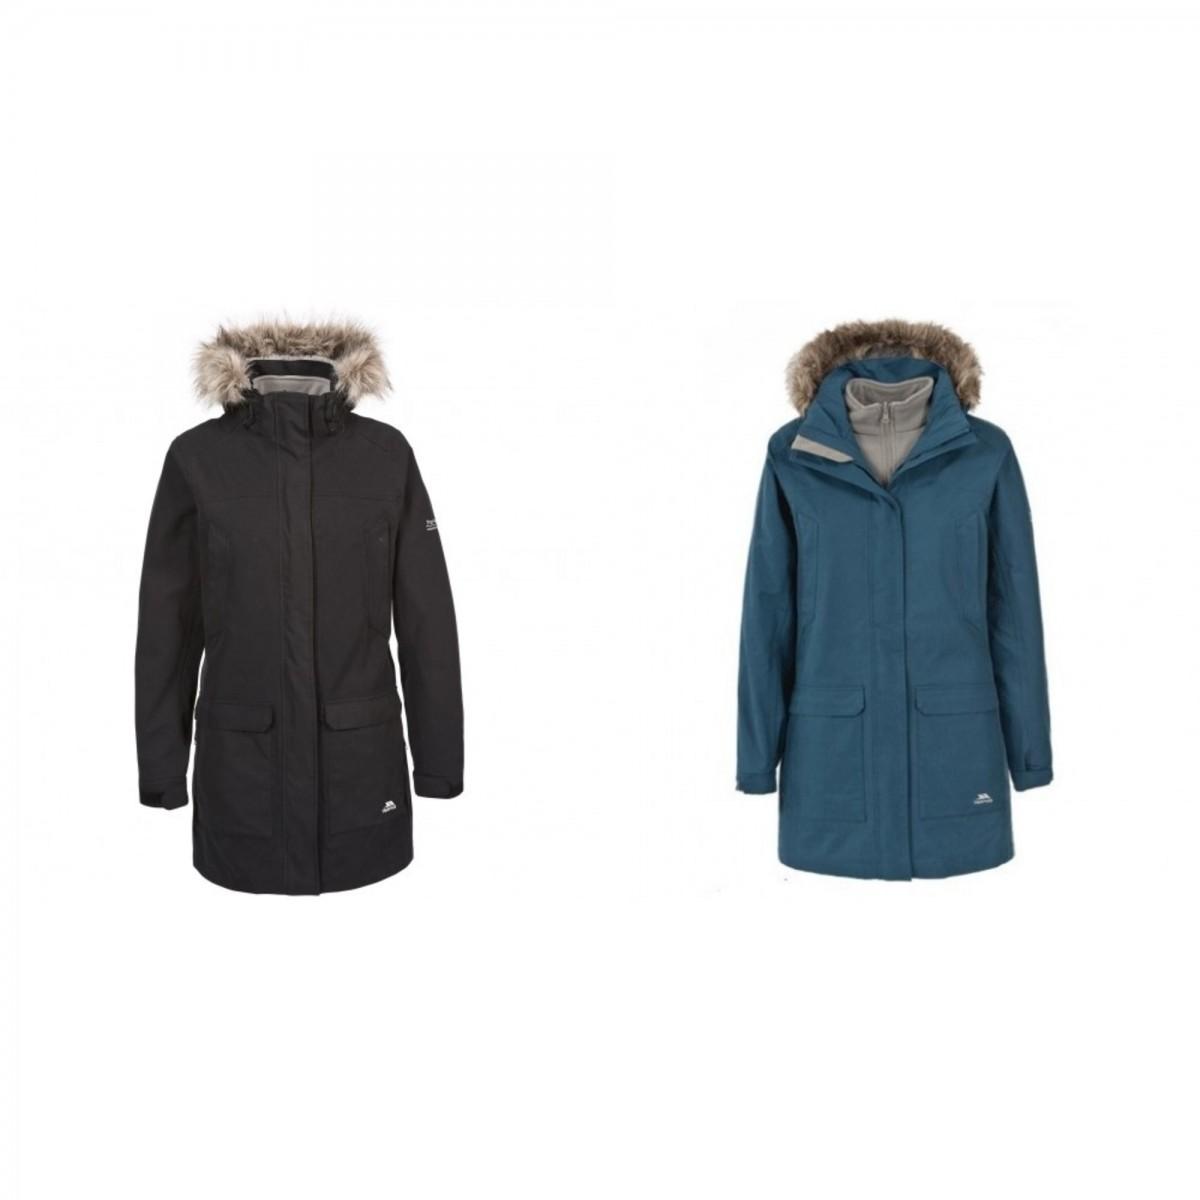 (トレスパス) Trespass レディース Maebell 3in1 パーカジャケット アウター コート アウトドア スポーツ 冬 防寒 【海外直送】